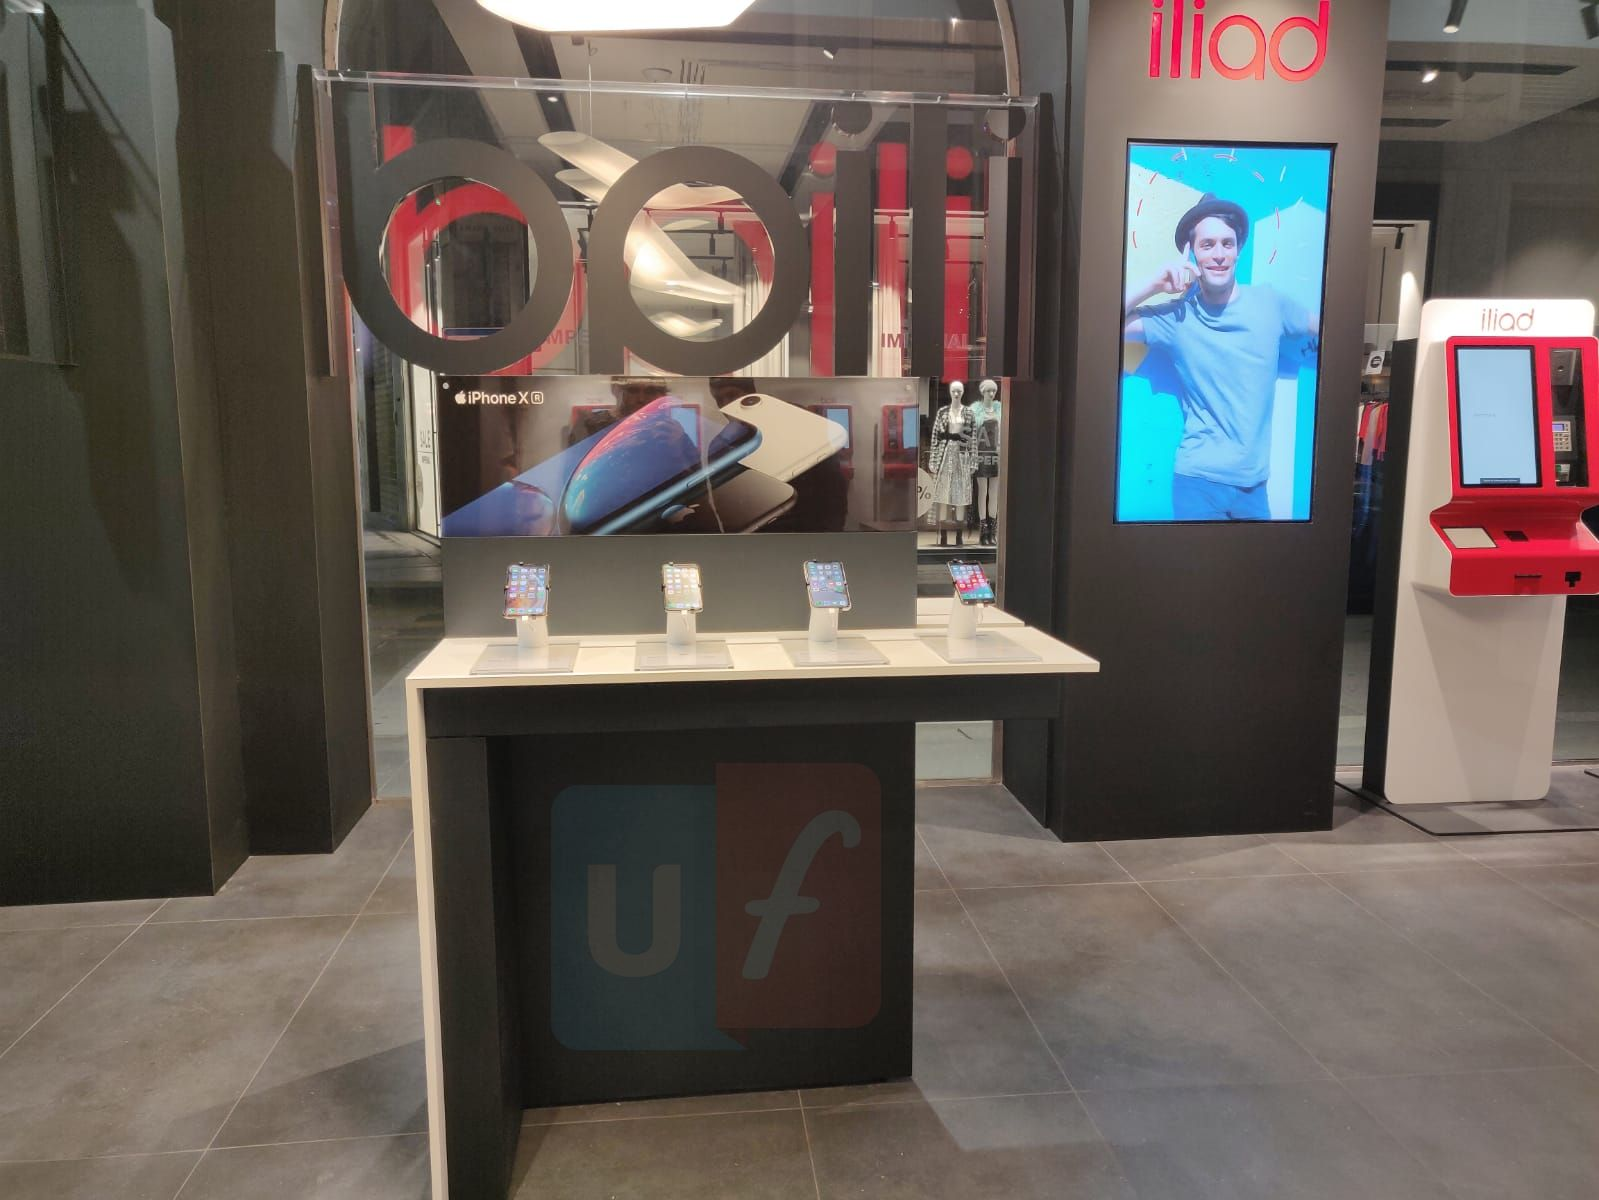 iPhone iliad store Milano viale Restelli